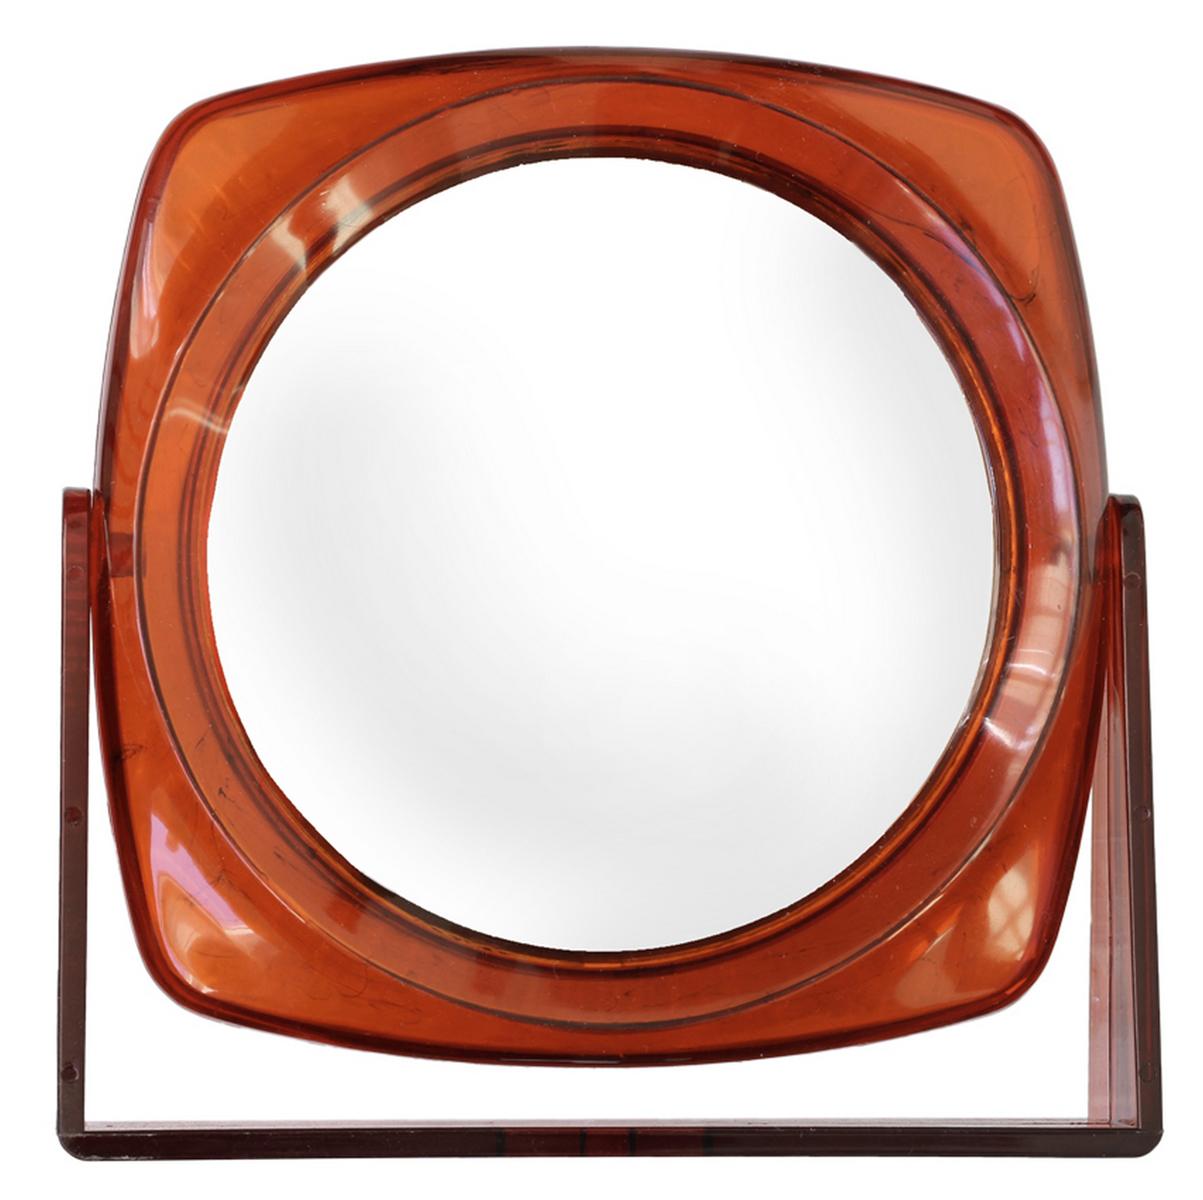 Silva Зеркало настольное, круглое, цвет: коричневый96100Зеркало двухсторонее, с трехкратным увелечением.